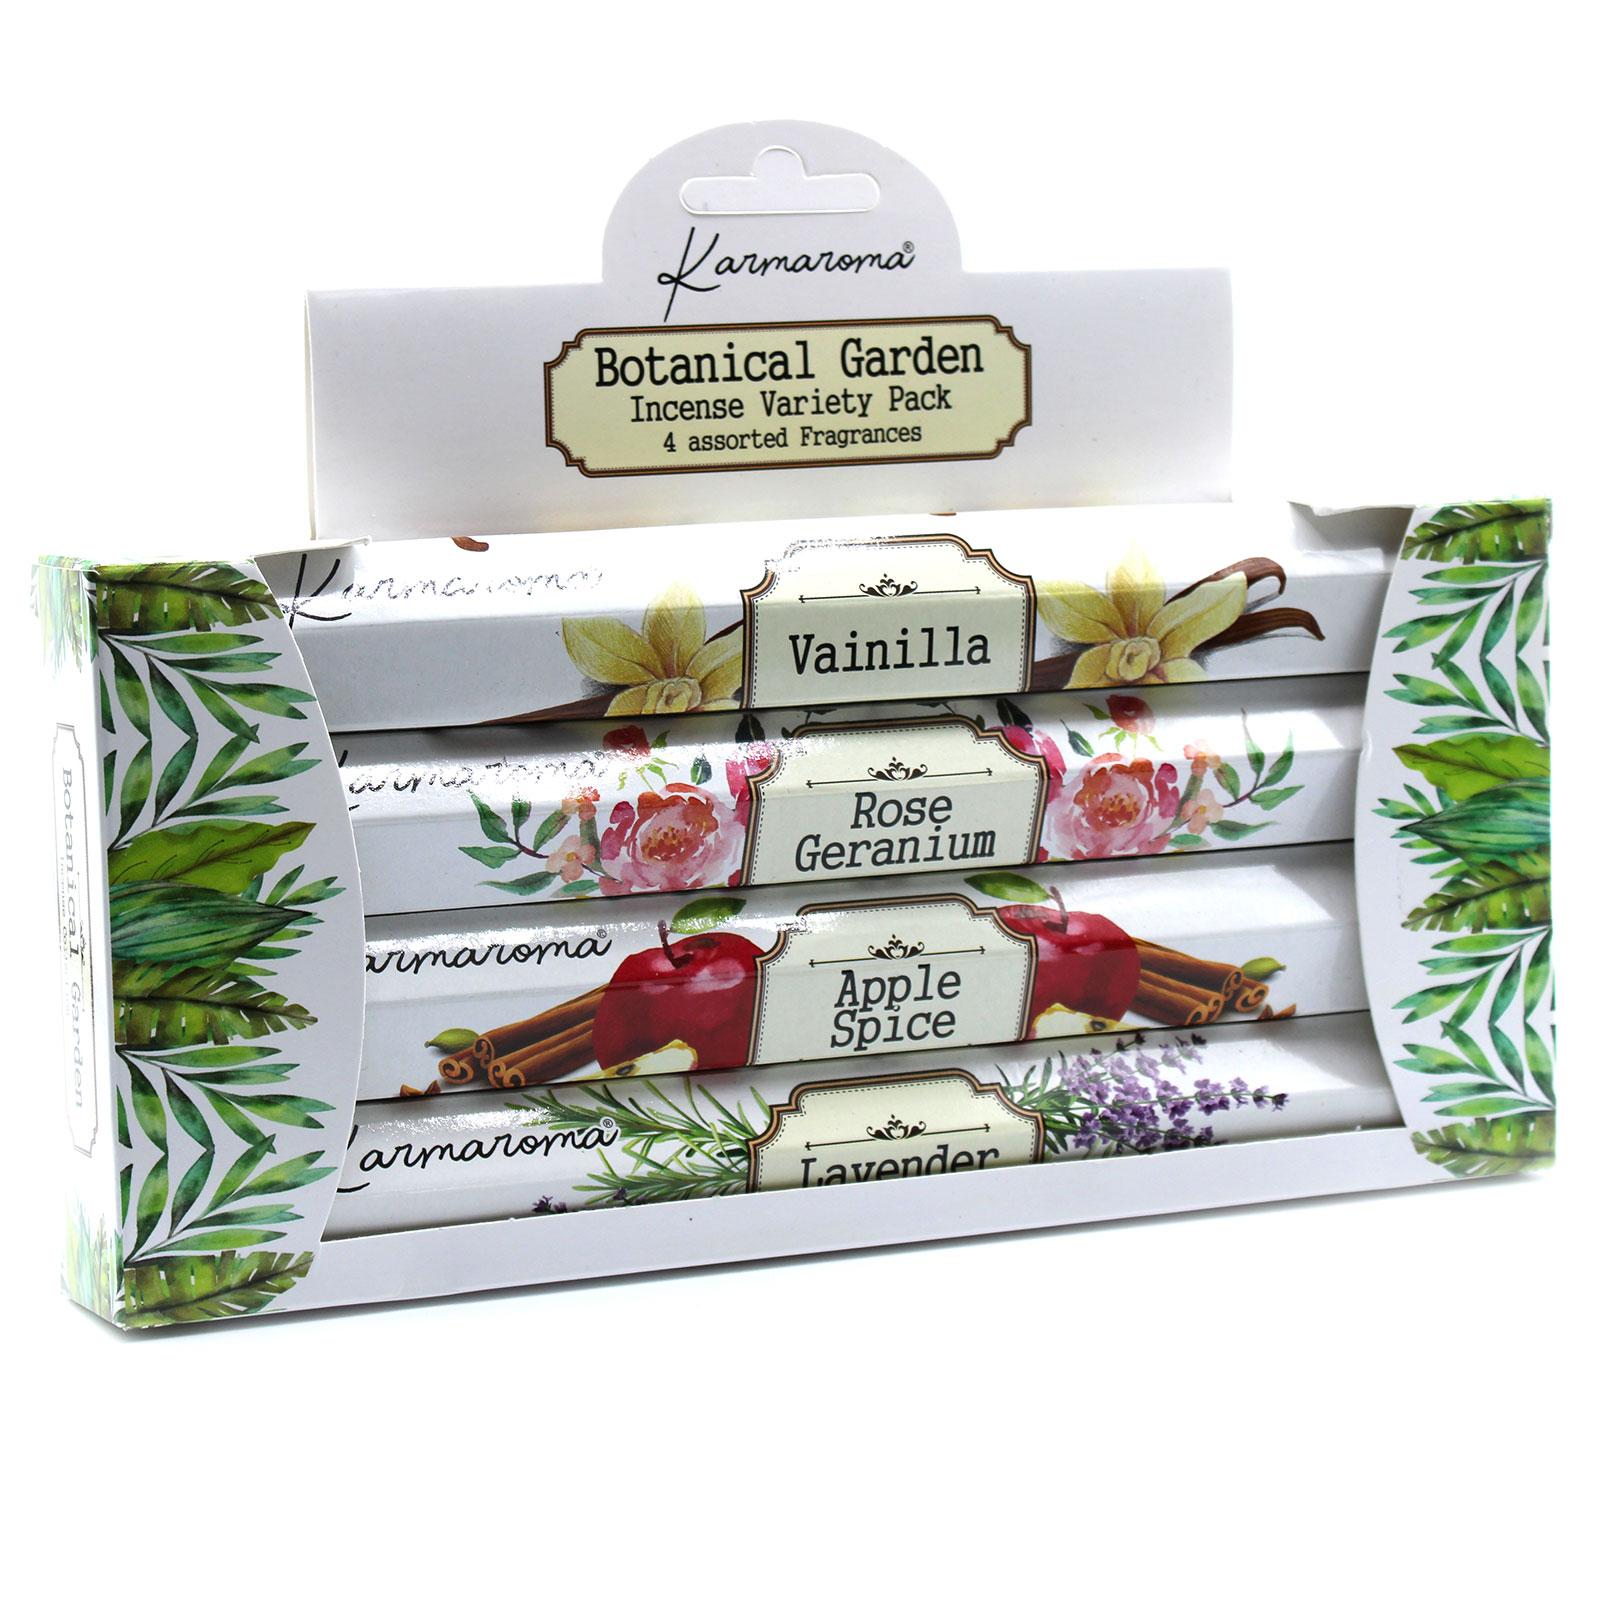 Botanical Garden Incense Gift Set 4 Assorted Fragrances